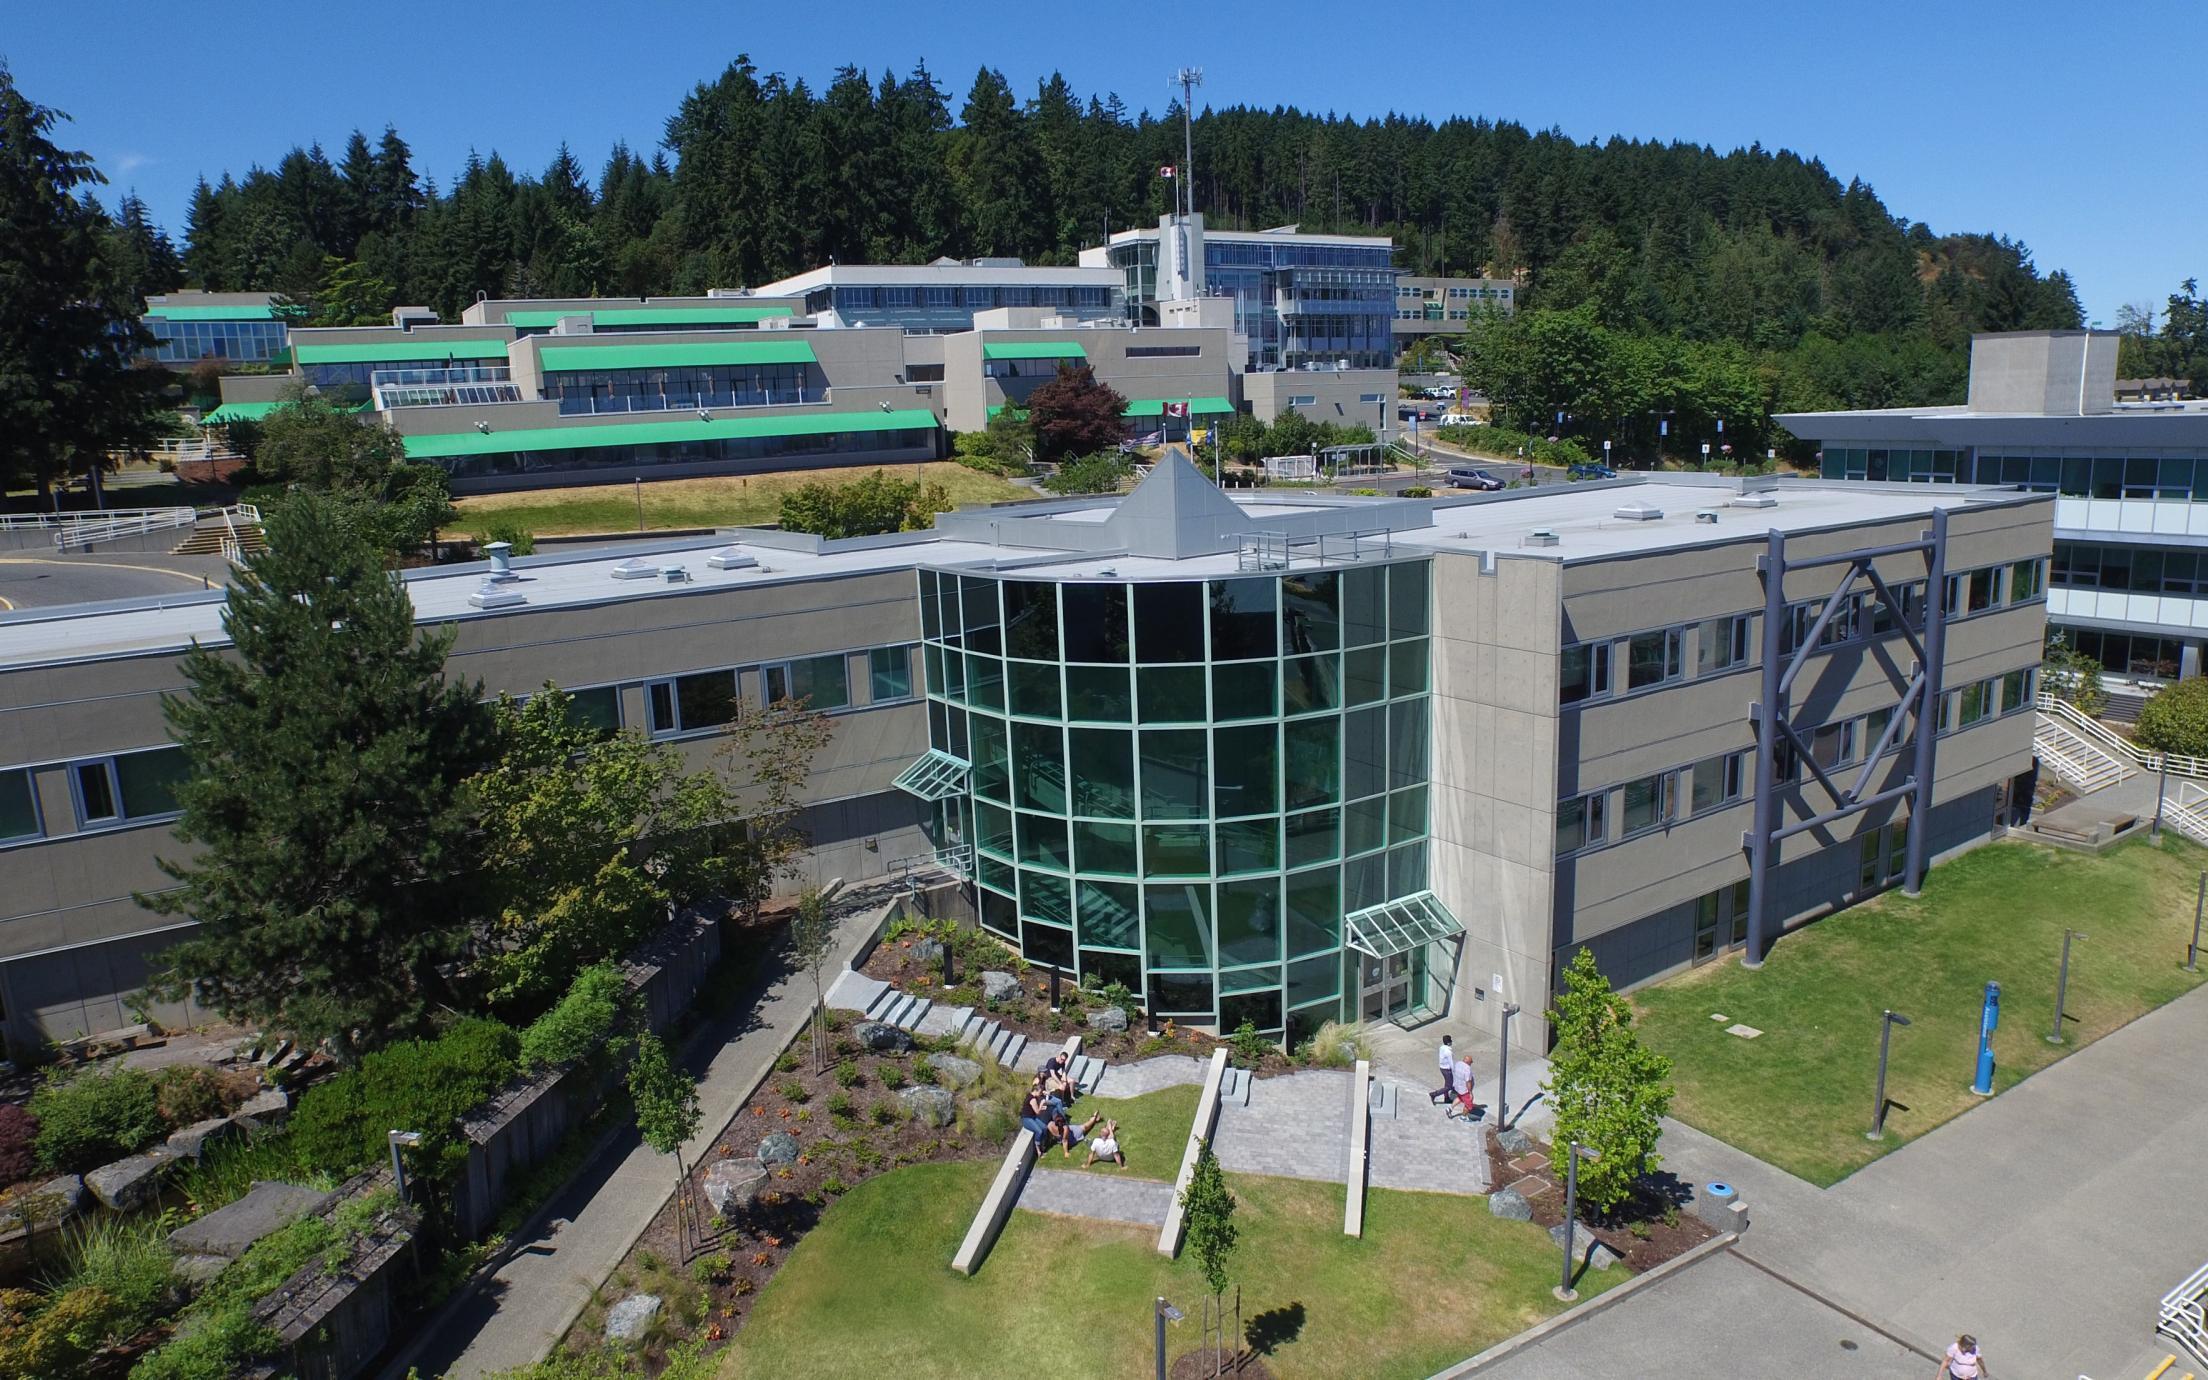 Nanaimo Campus - Future Students